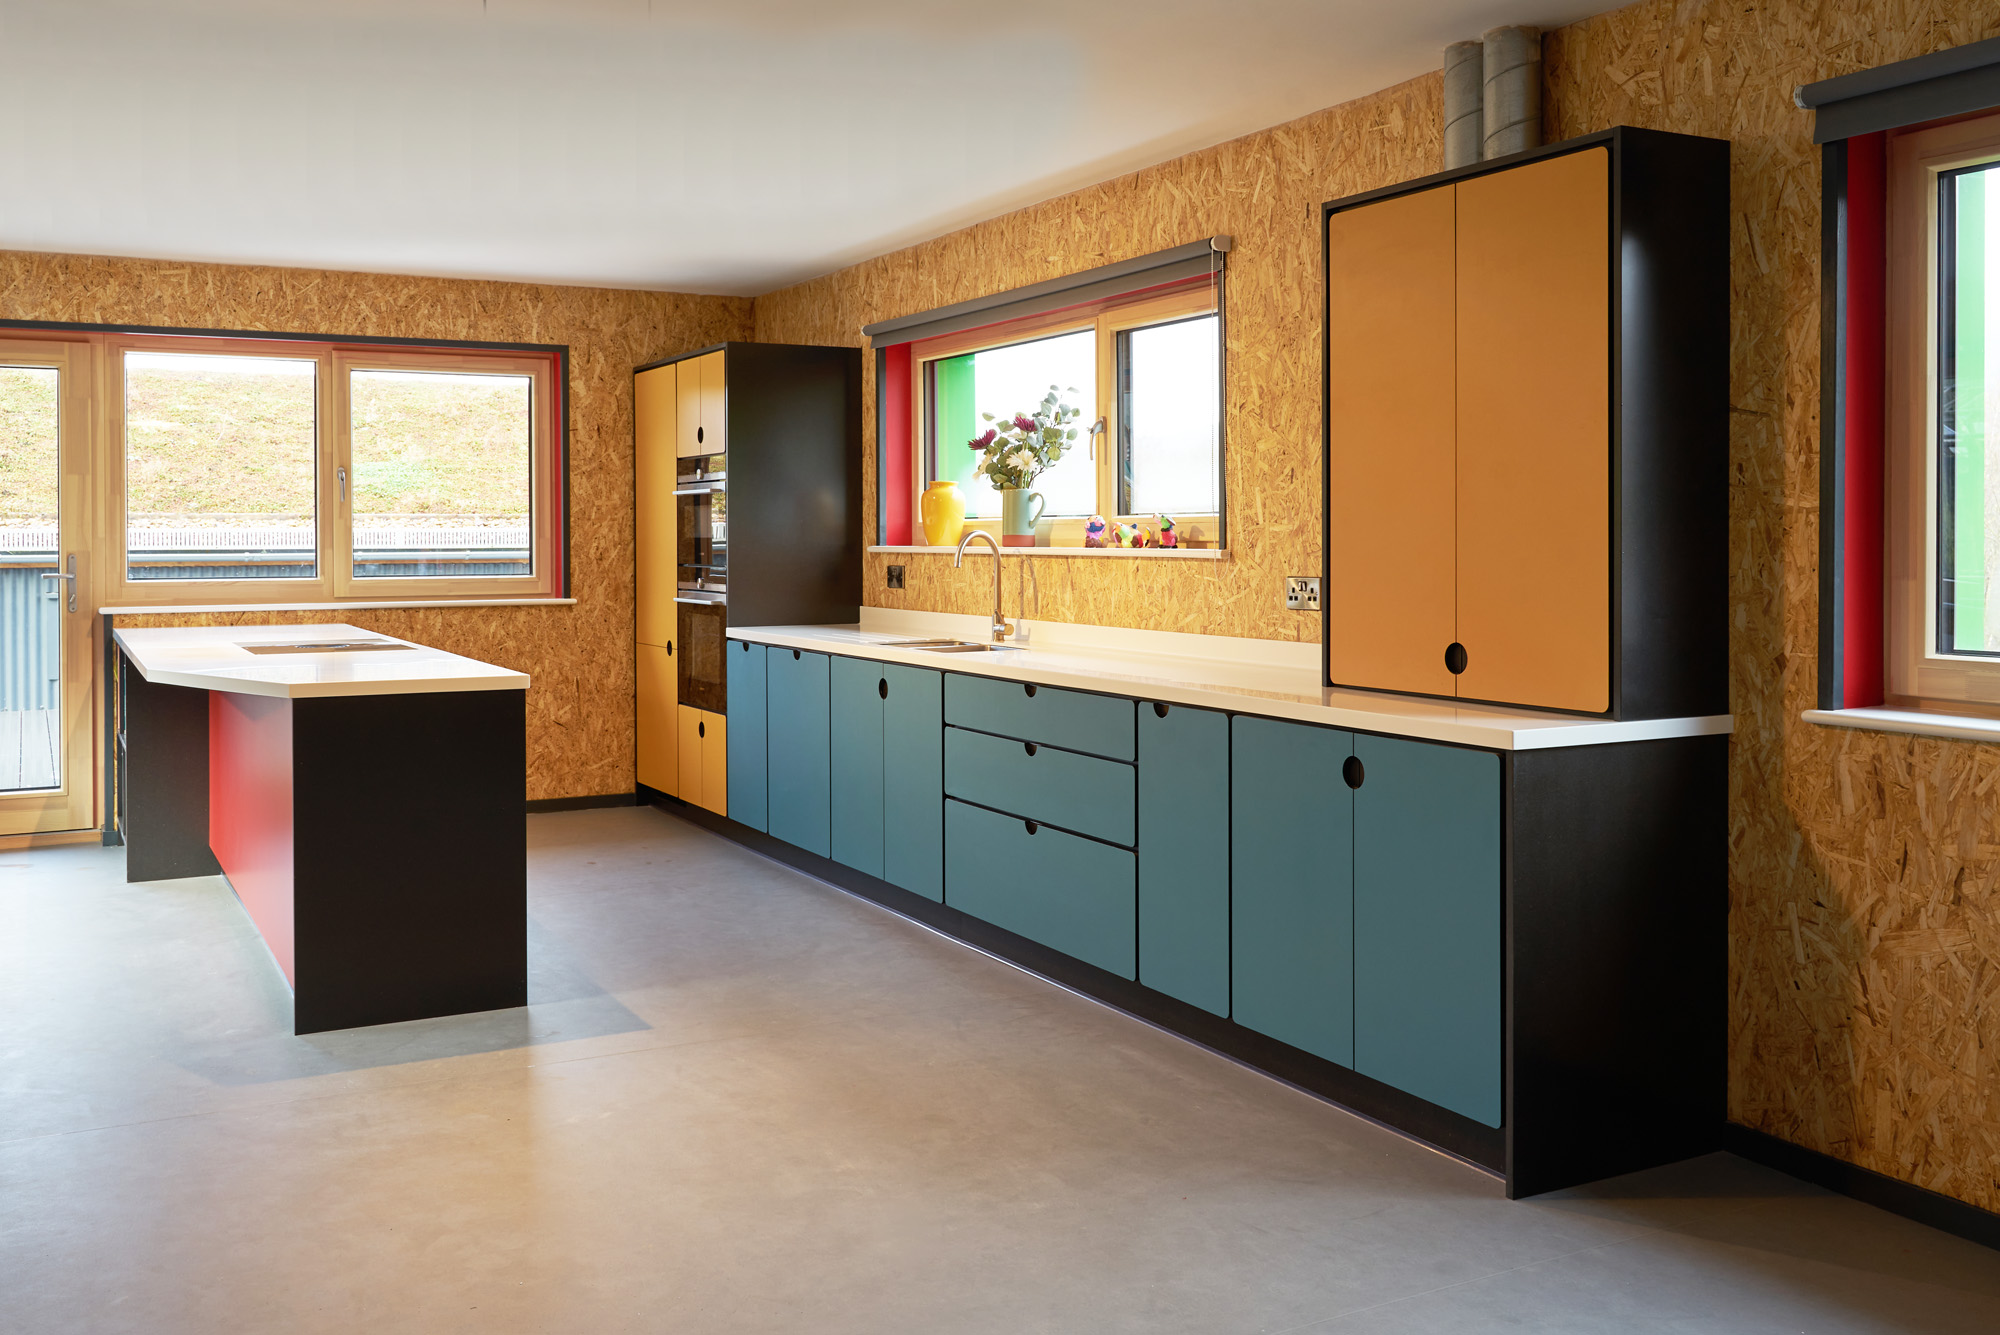 valchromat kitchen blue